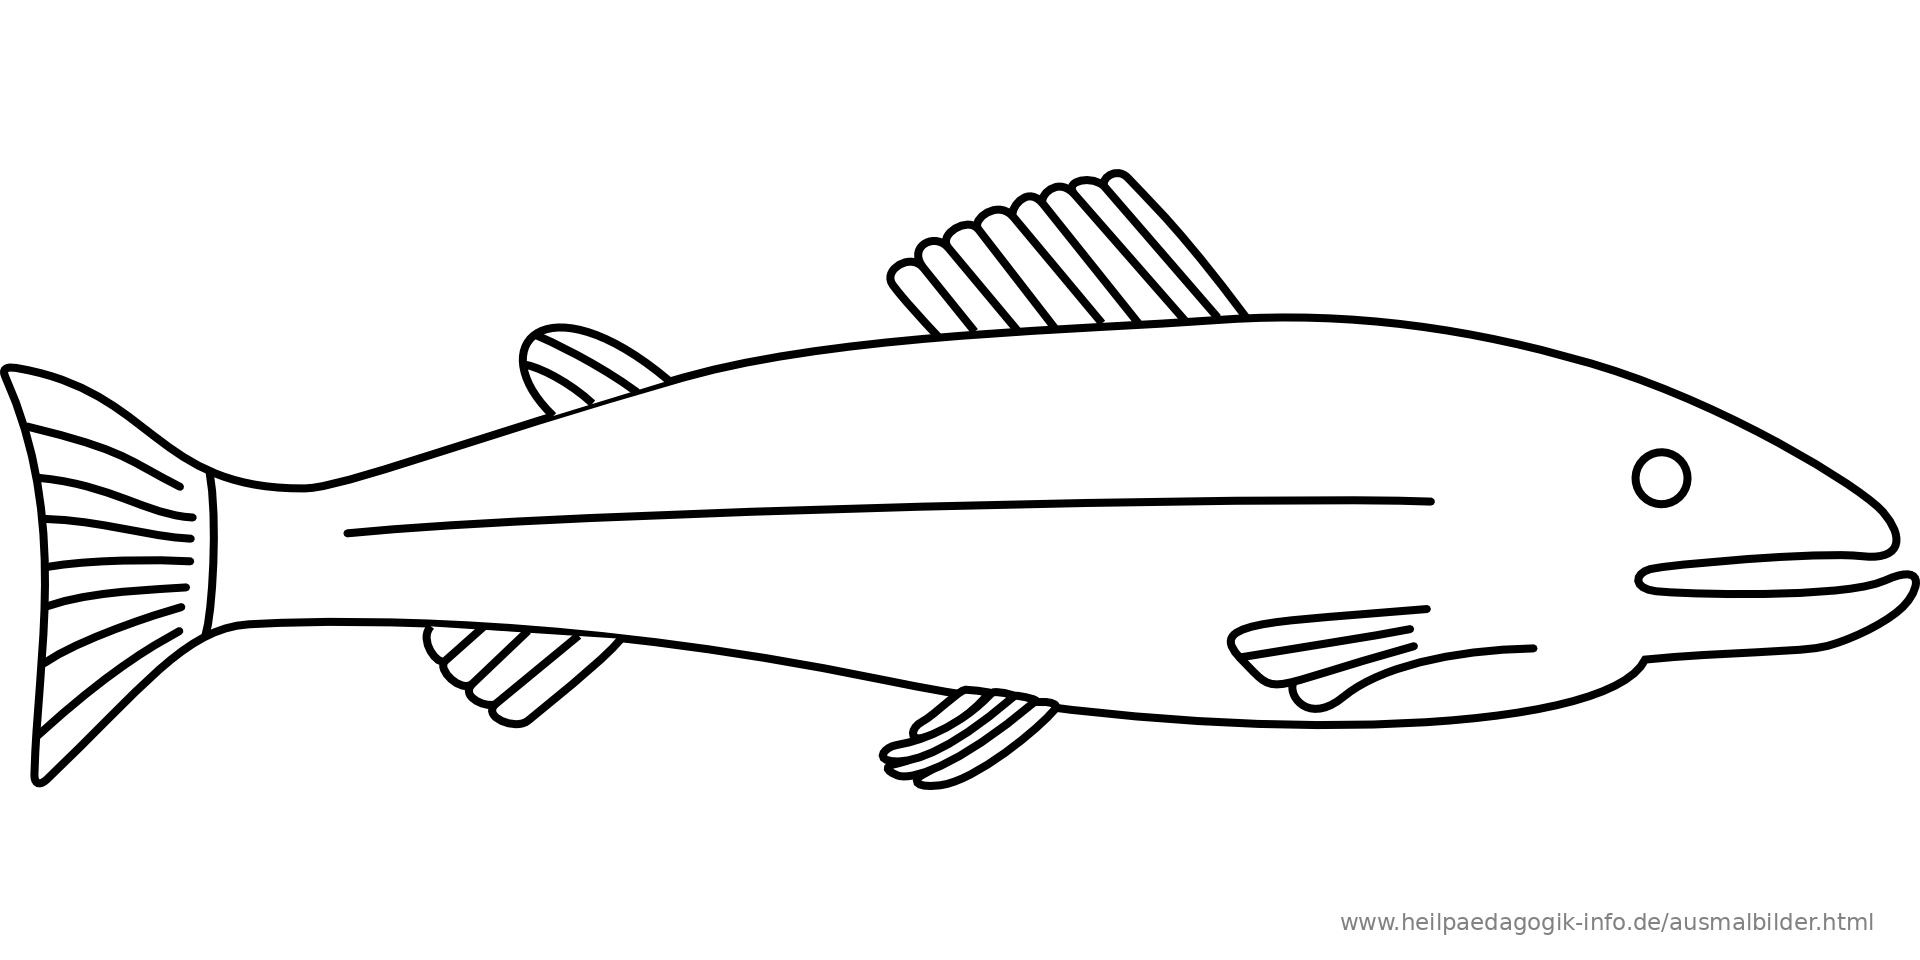 Ausmalbilder Fische